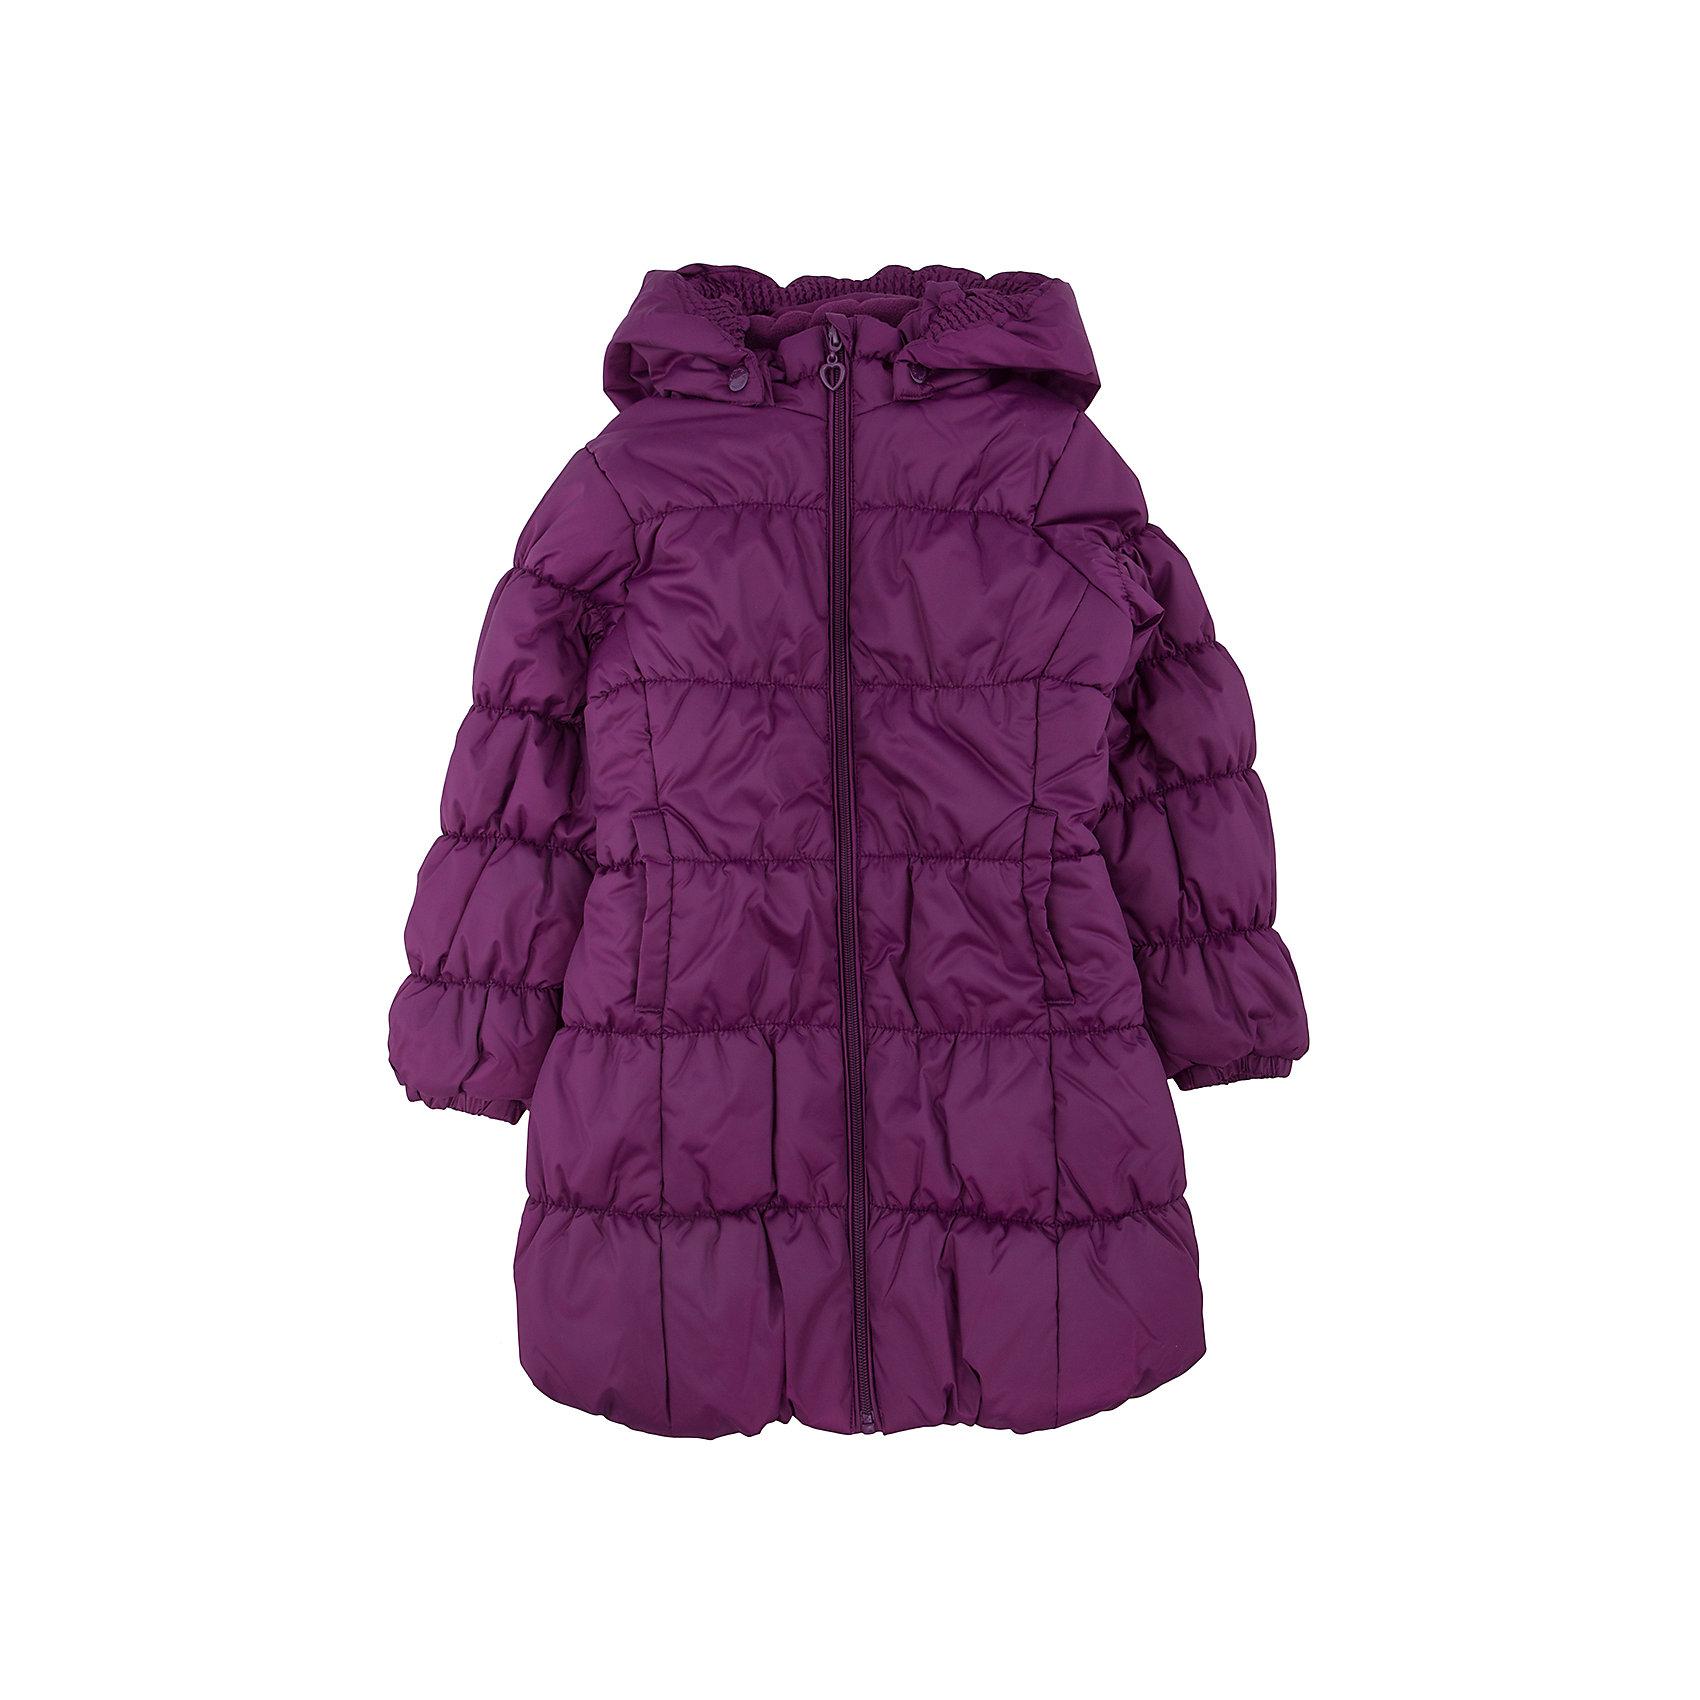 Куртка для девочки PlayTodayКуртка для девочки от известного бренда PlayToday.<br>Стильное утепленное пальто с эластичной стежкой. Застегивается на молнию с защитой подбородка и фигурным пуллером-сердечком. Капюшон на резинке удобно отстегивается. На воротнике мягкий флисовый манжет. Благодаря стежке достигается удобная посадка по фигуре ребенка и усиливаются теплозащитные свойства. По бокам два кармана.<br>Состав:<br>Верх: 100% полиэстер, Подкладка: 100% полиэстер, Наполнитель: 100% полиэстер, 250 г/м2<br><br>Ширина мм: 356<br>Глубина мм: 10<br>Высота мм: 245<br>Вес г: 519<br>Цвет: красный<br>Возраст от месяцев: 60<br>Возраст до месяцев: 72<br>Пол: Женский<br>Возраст: Детский<br>Размер: 116,110,98,122,104,128<br>SKU: 4896924